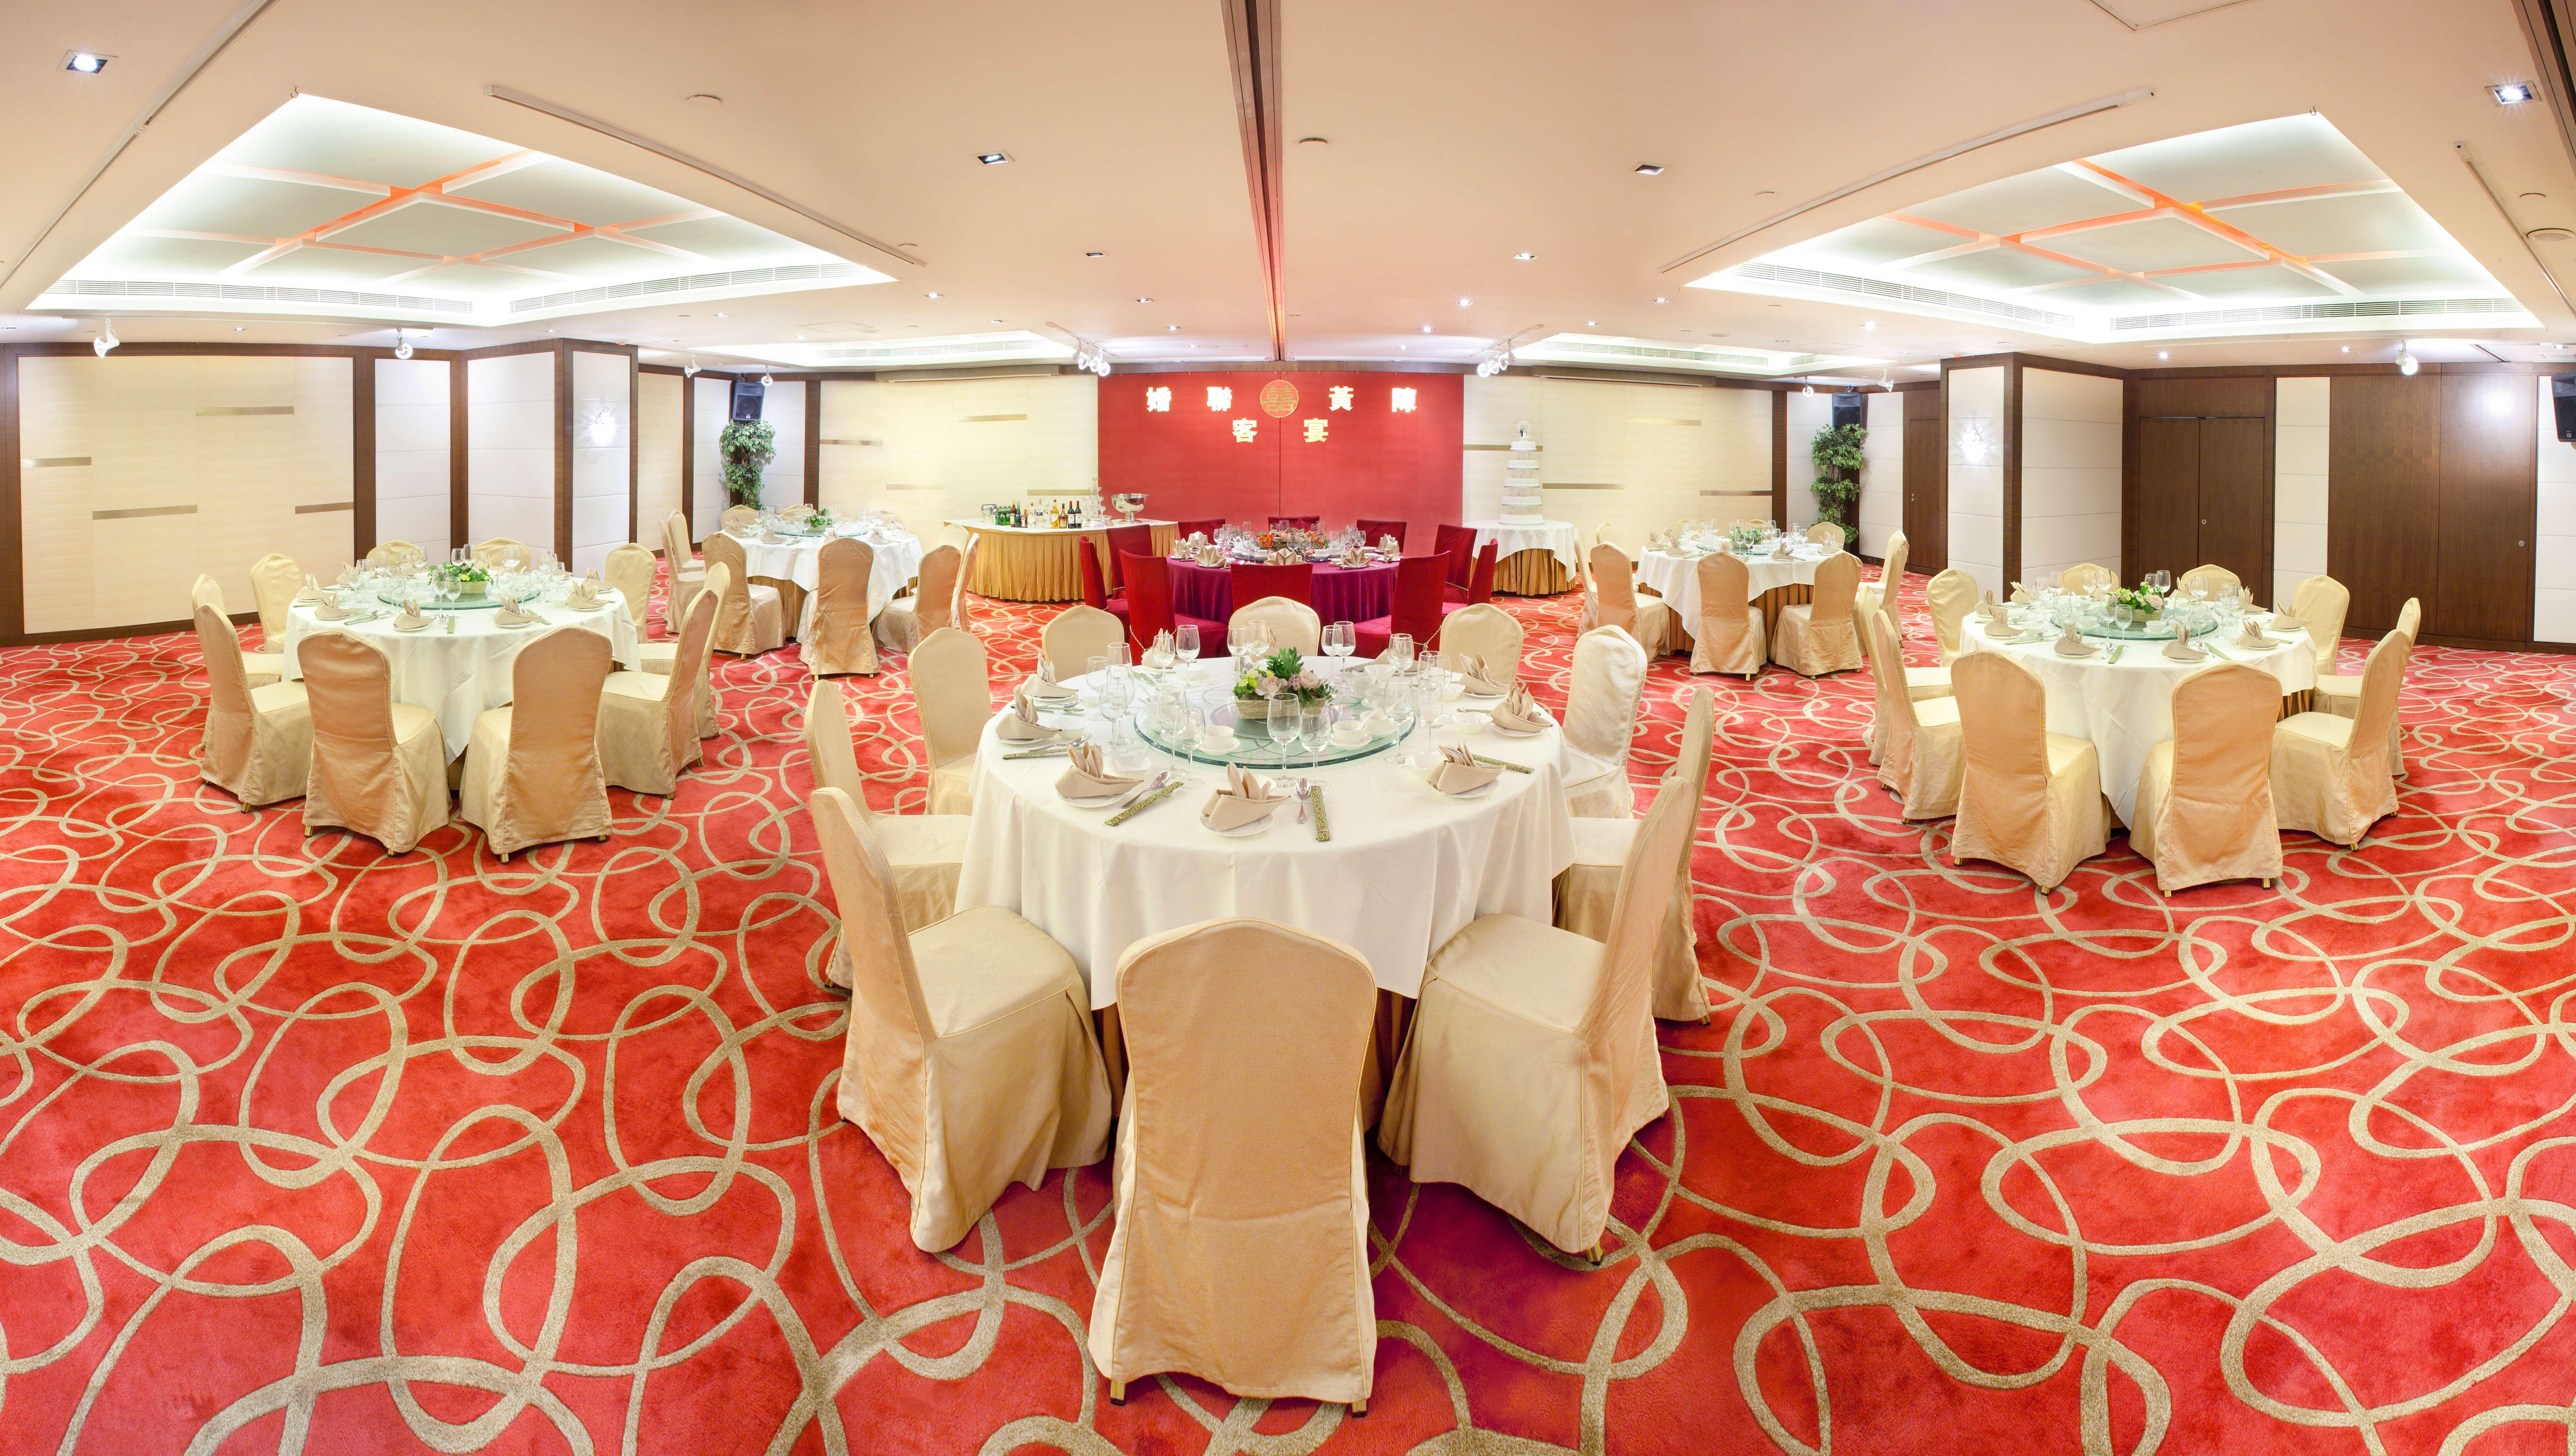 Chinese Wedding Setup Wedding Background Decoration Wedding Set Up International Wedding